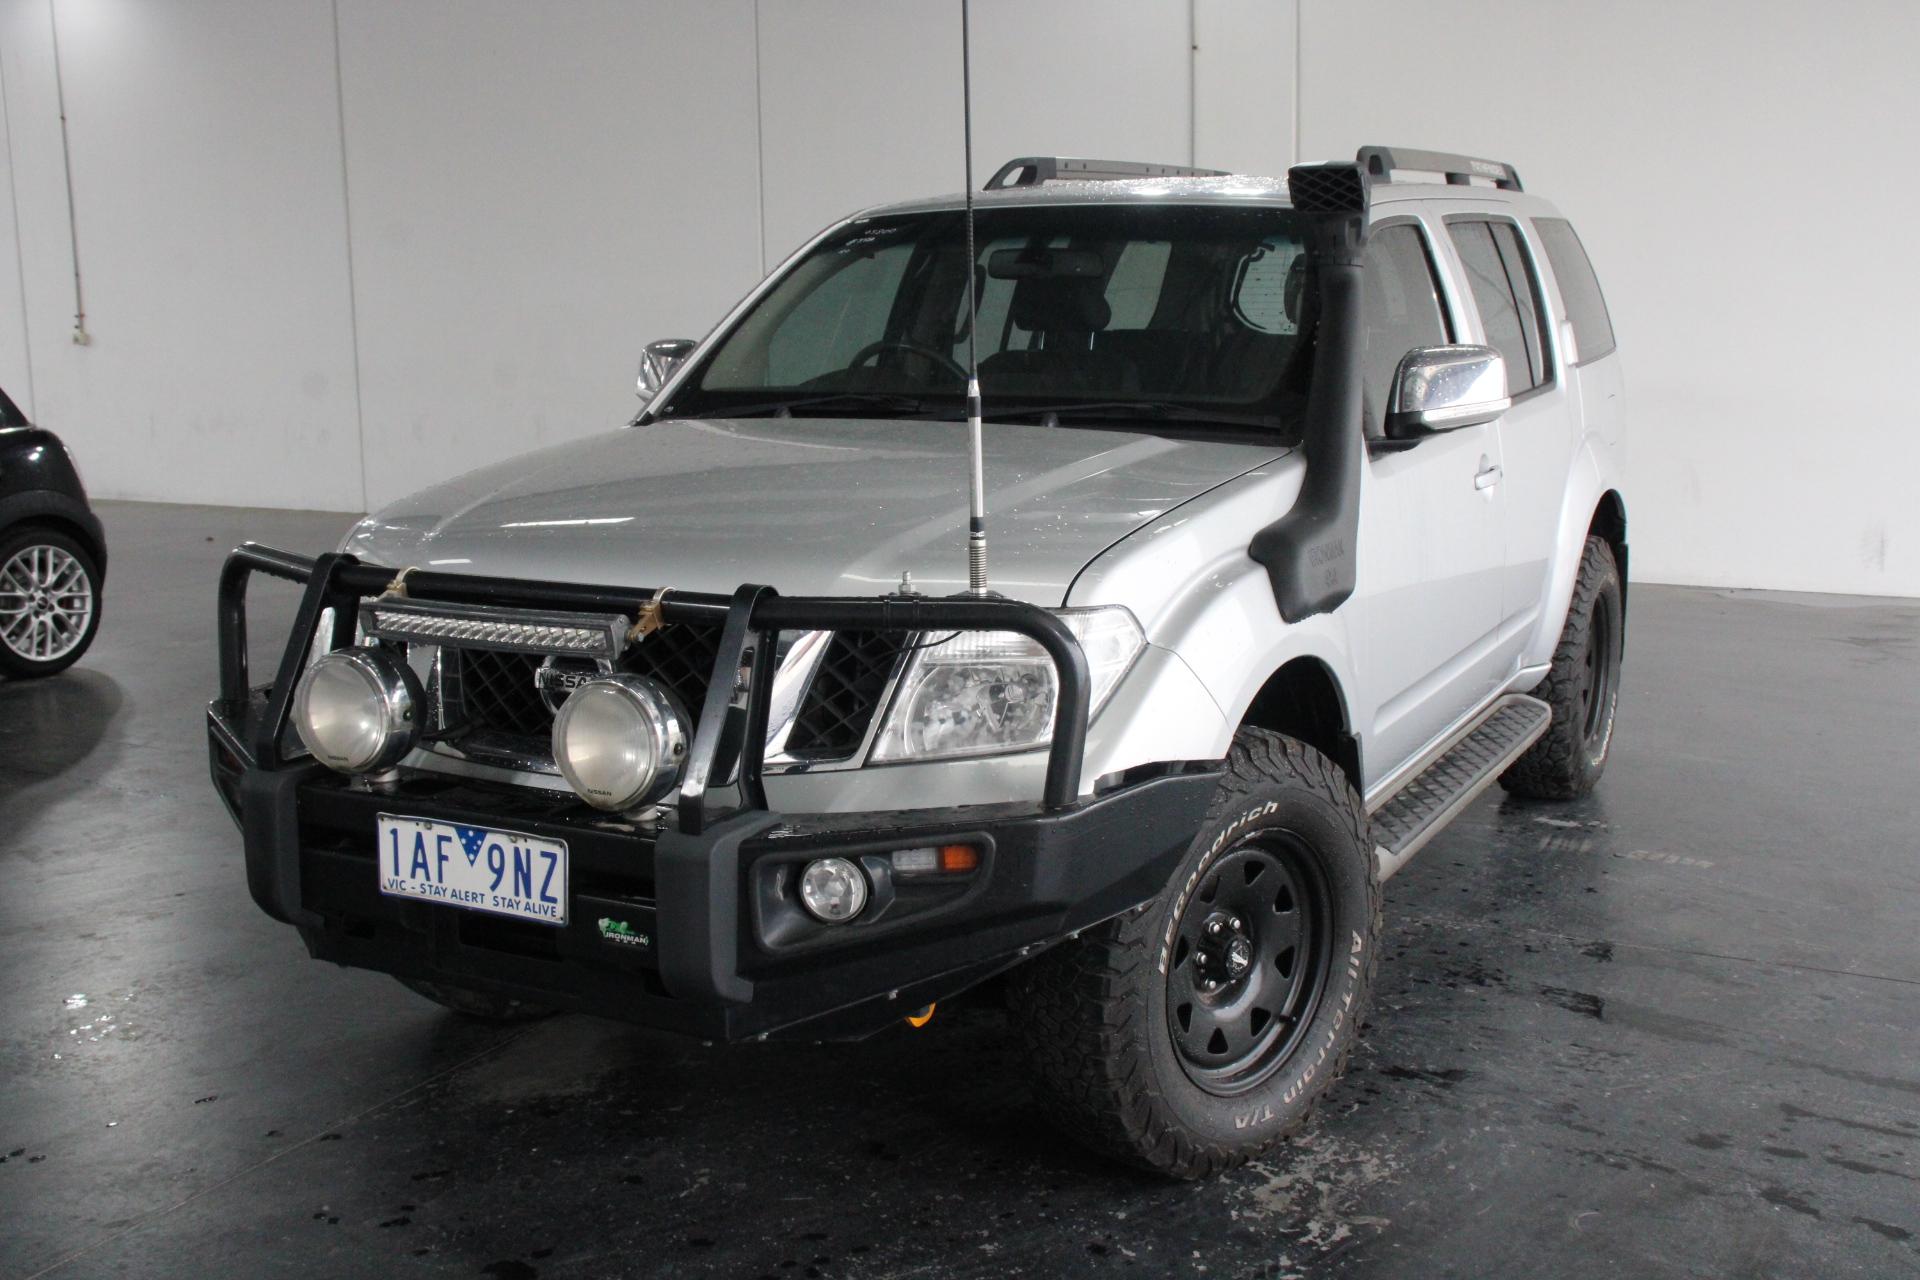 2013 Nissan Pathfinder ST-L (4x4) R51 Manual 7 Seats Wagon